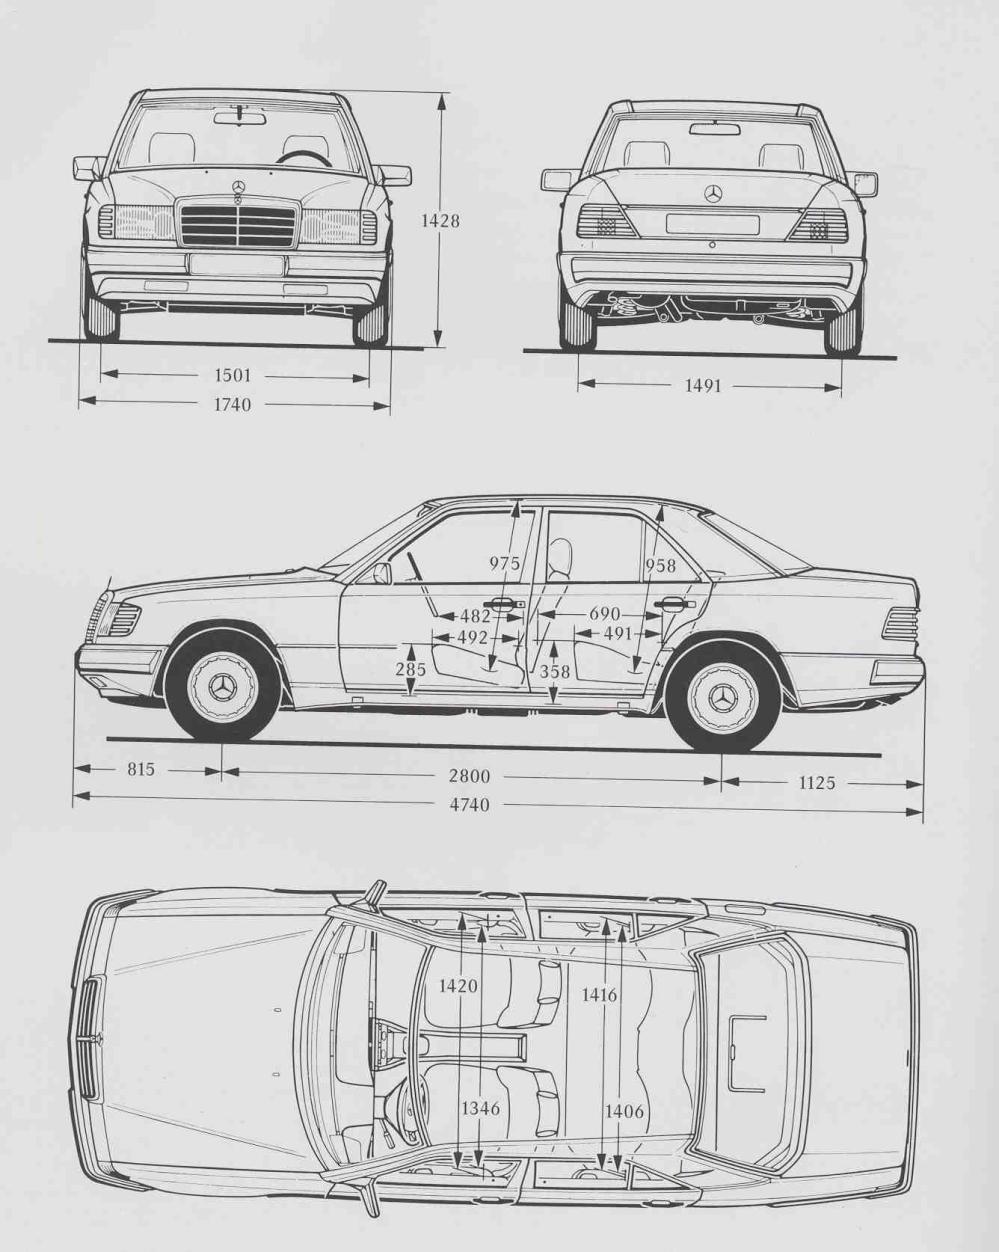 Mercede W124 Wiring Diagram - on